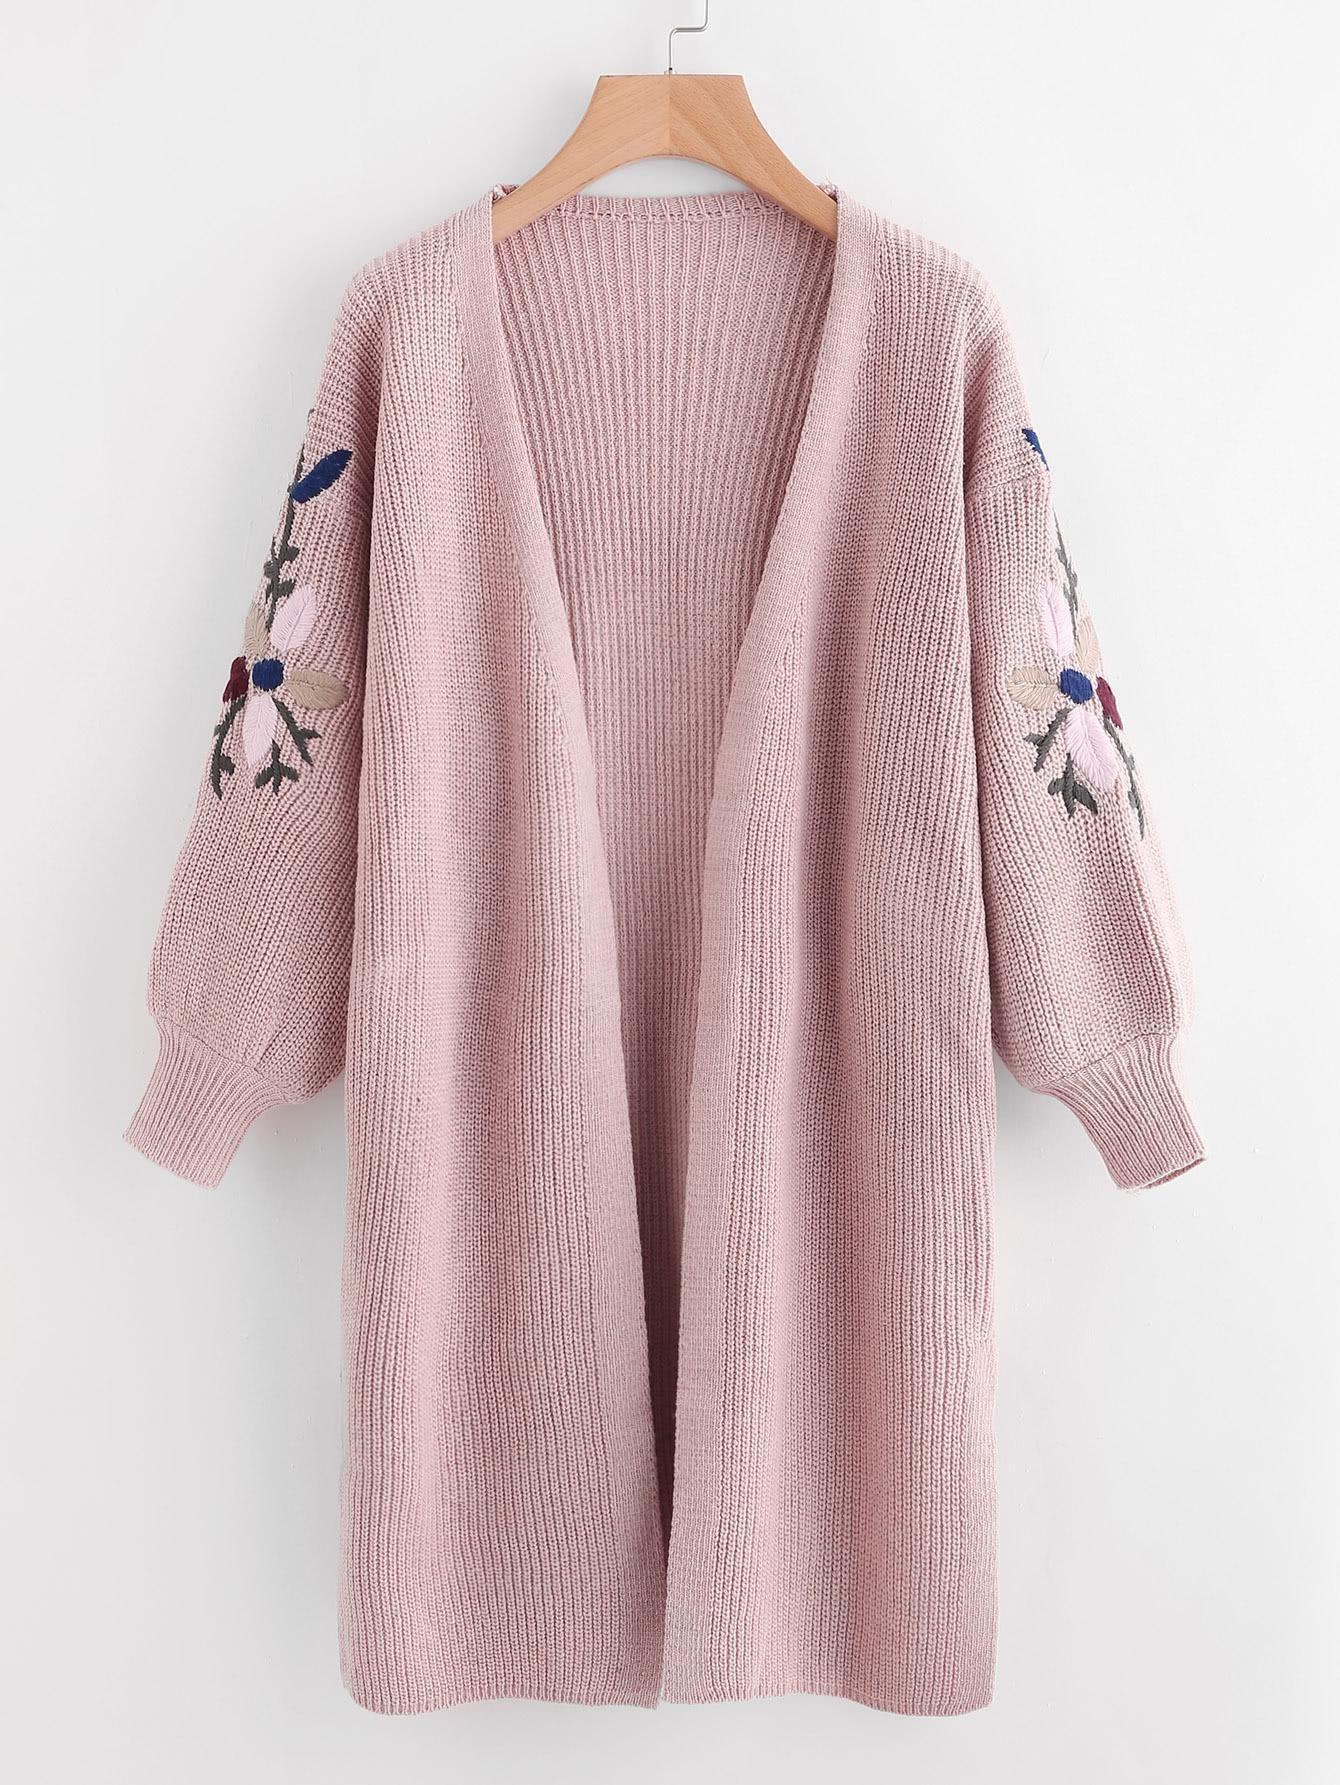 ROMWE - #ROMWE Floral Embroidered Side Split Longline Sweater ...